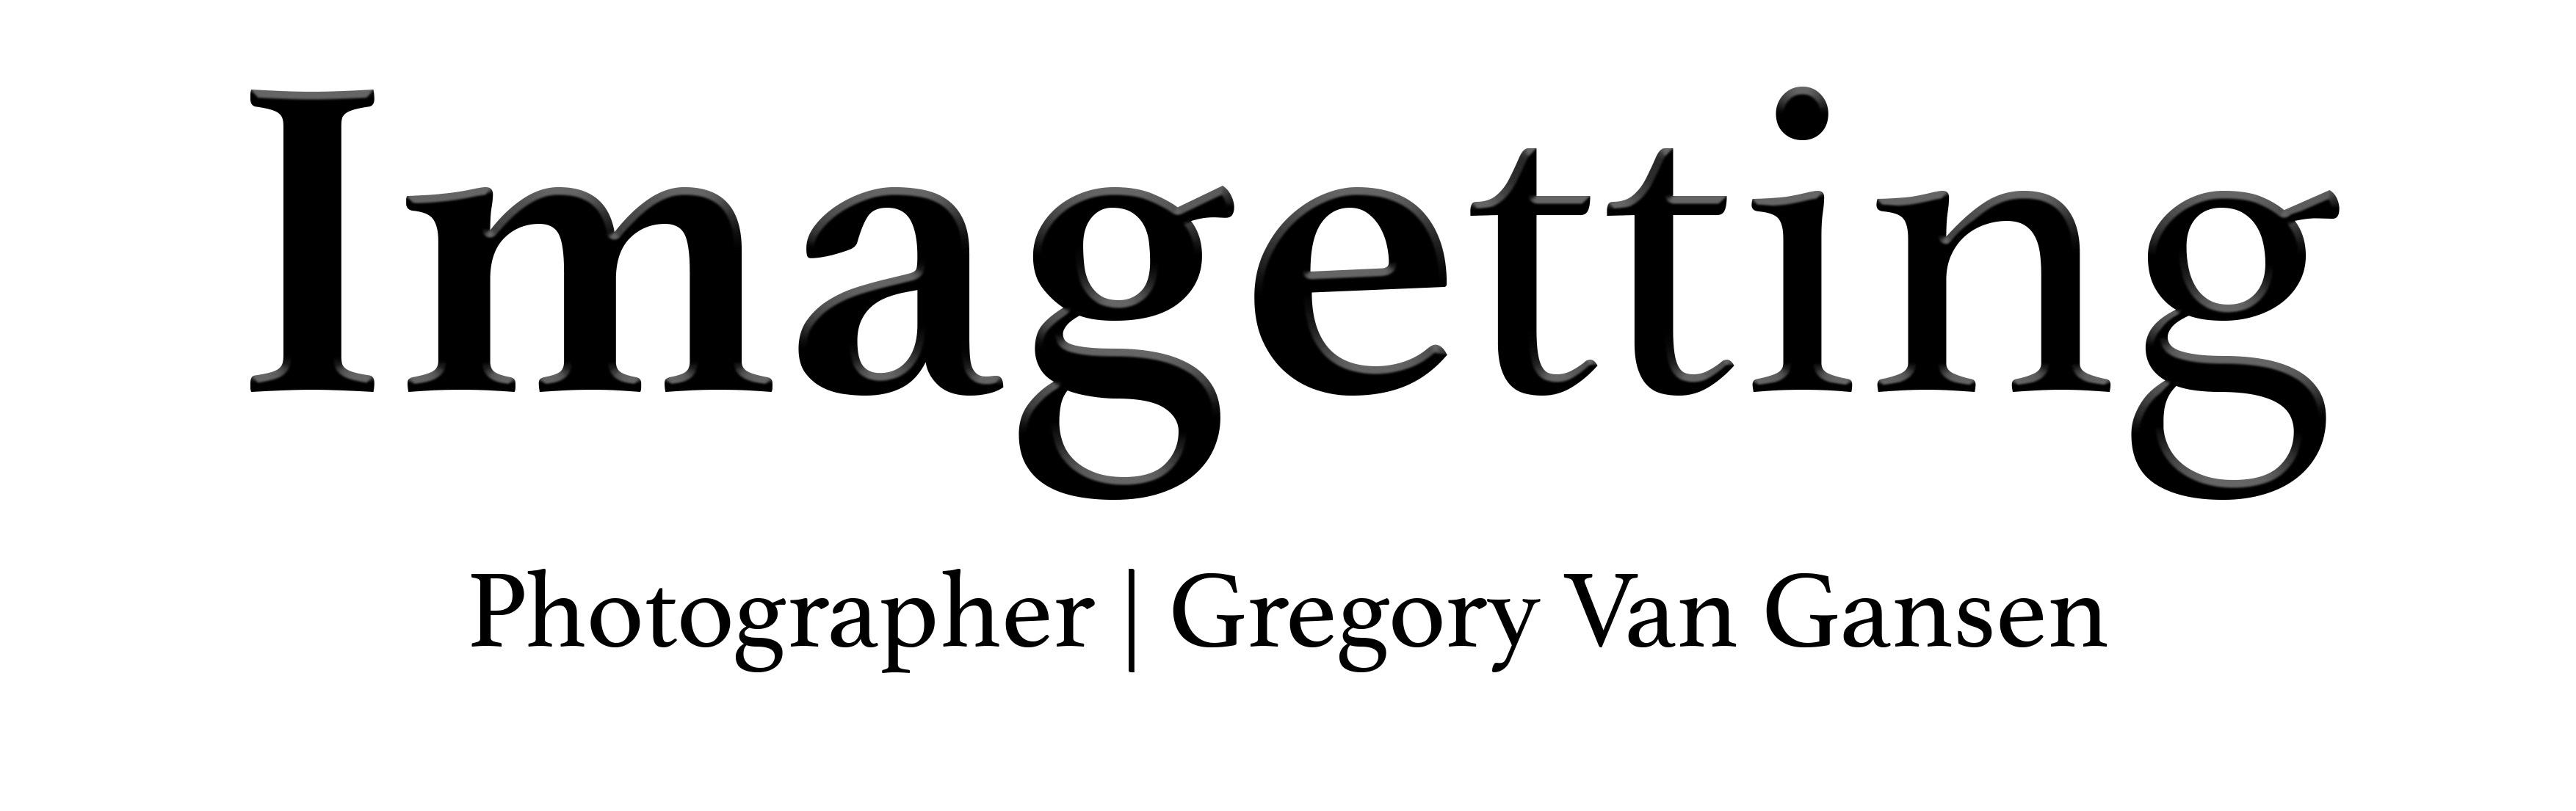 Gregory Van Gansen Photography